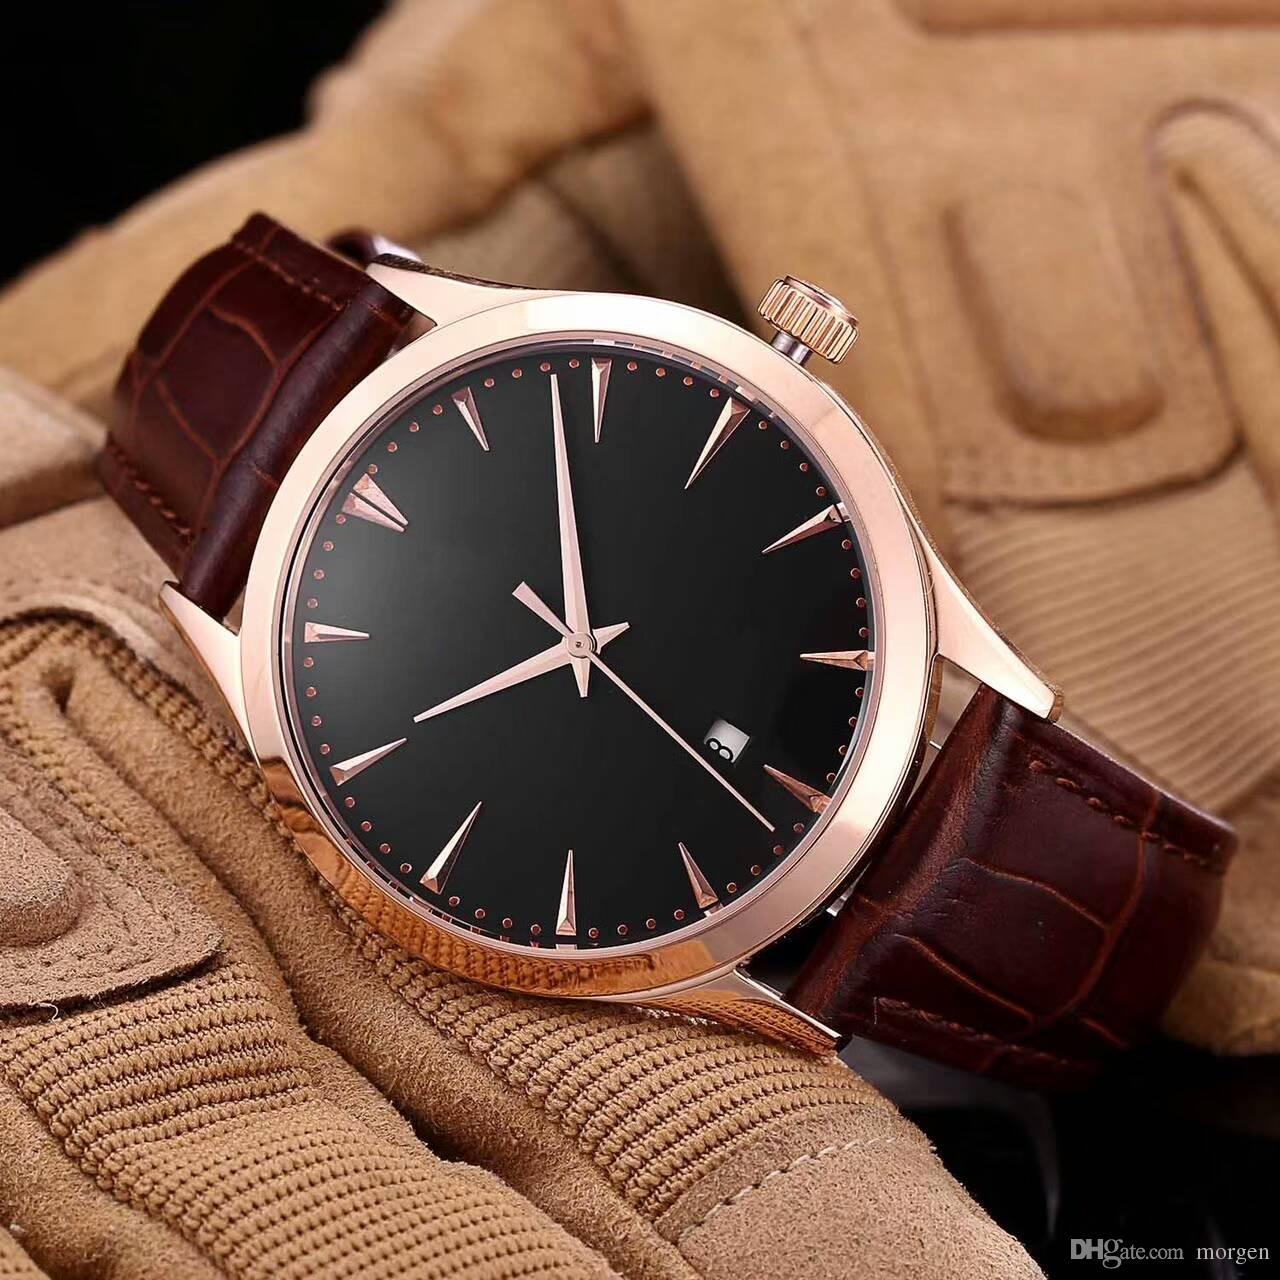 6d03ea0a4ed Compre Top Marca De Luxo Todos Os Relógios De Movimento Automático Homens  Relógios Esportes Moda Mens Relógio De Pulso Pulseira De Couro De Morgen